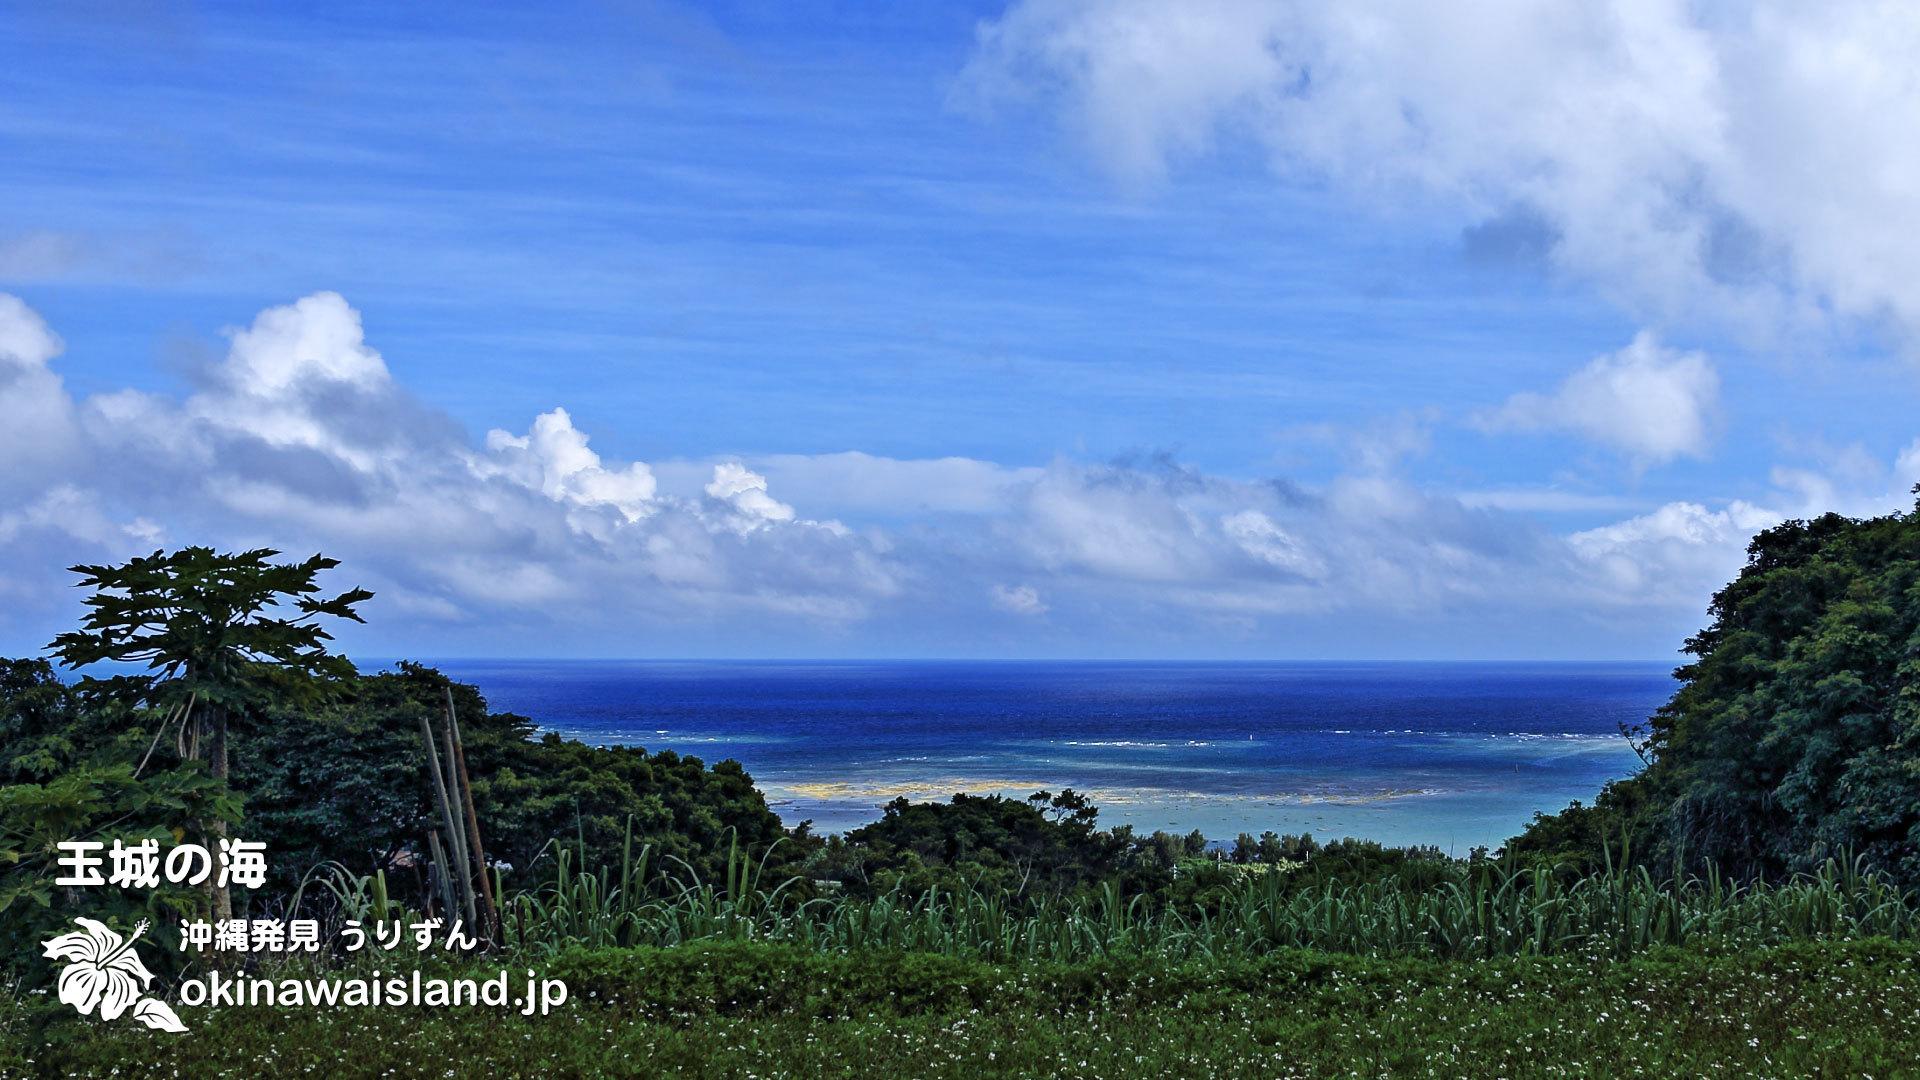 沖縄の風景 壁紙 デスクトップカレンダー 無料ダウンロード 沖縄の海